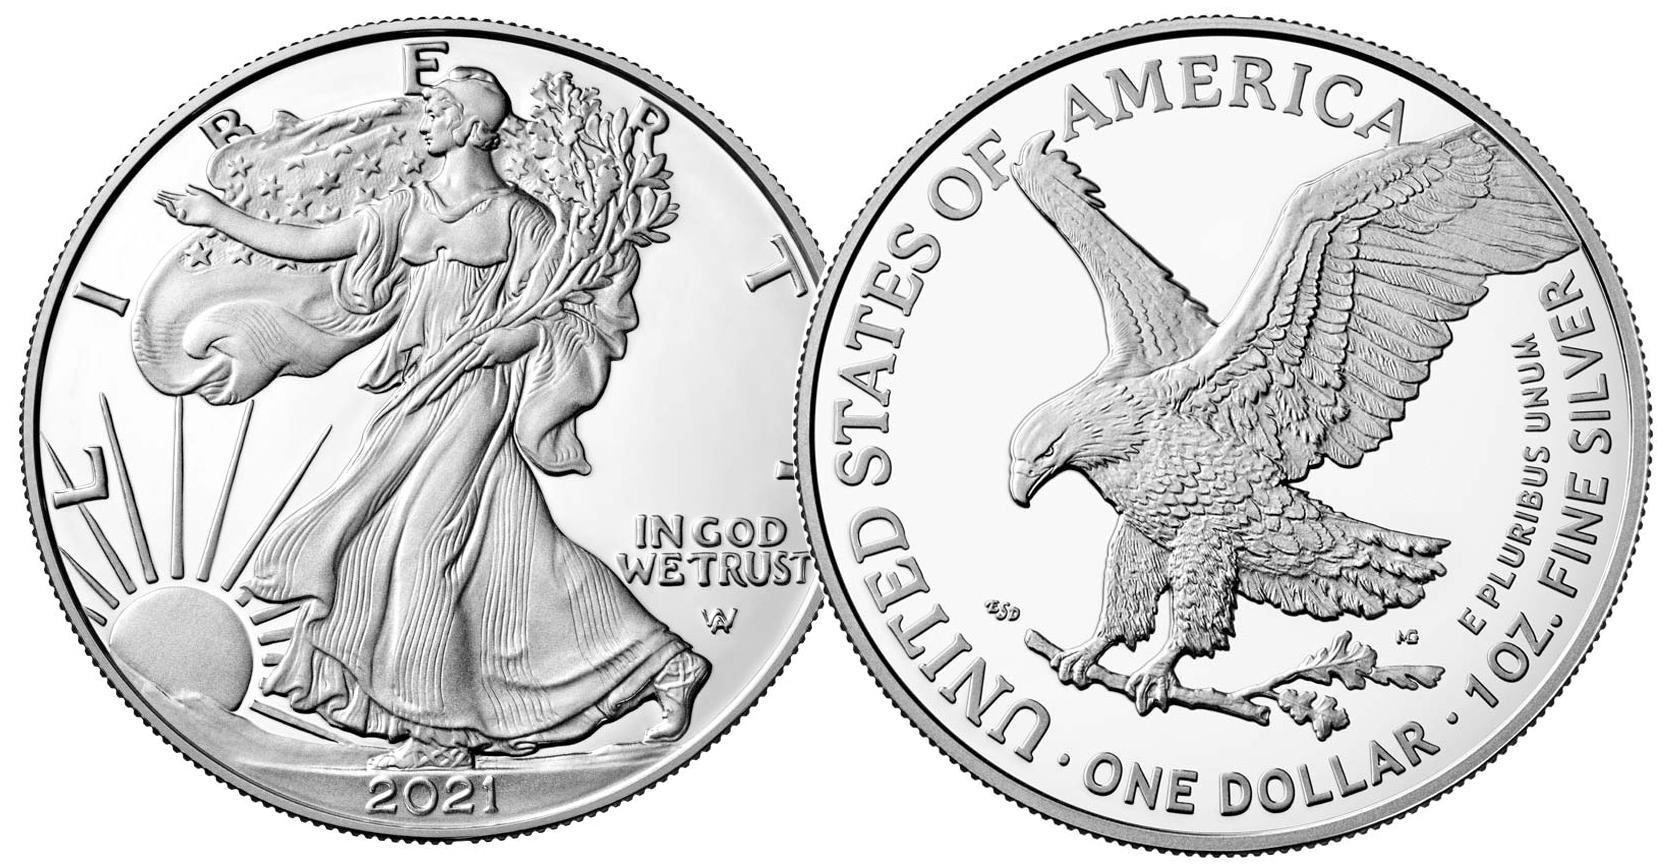 2021 American Silver Eagle Dollar BU (Type 2, New Design)